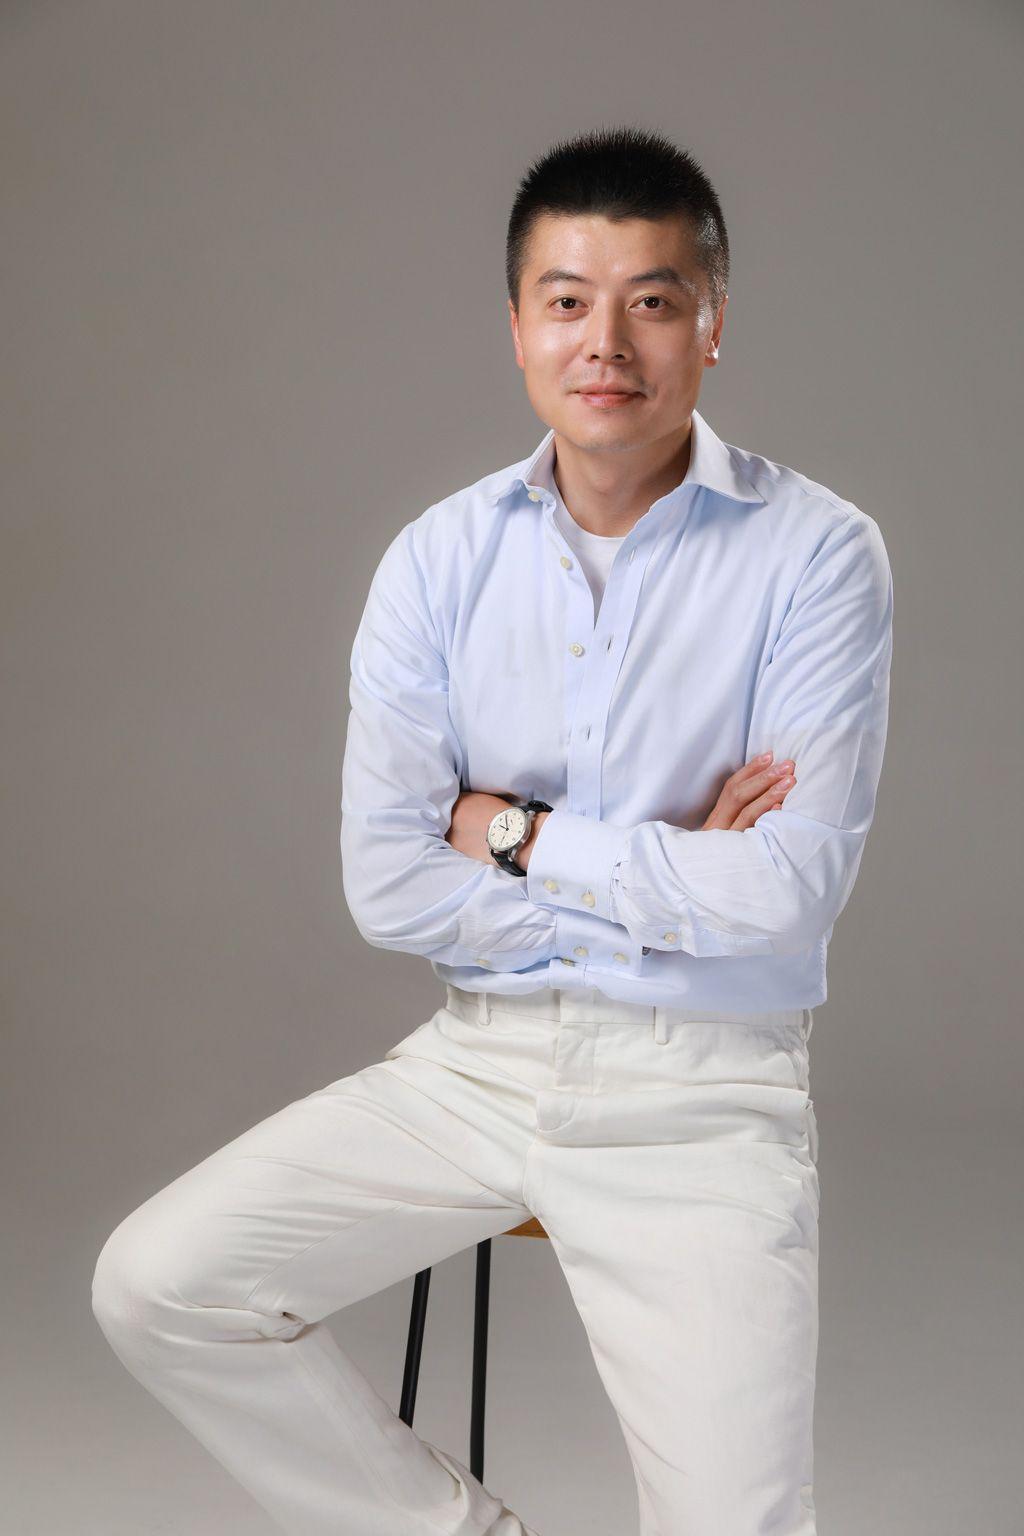 Yuan Jiakai